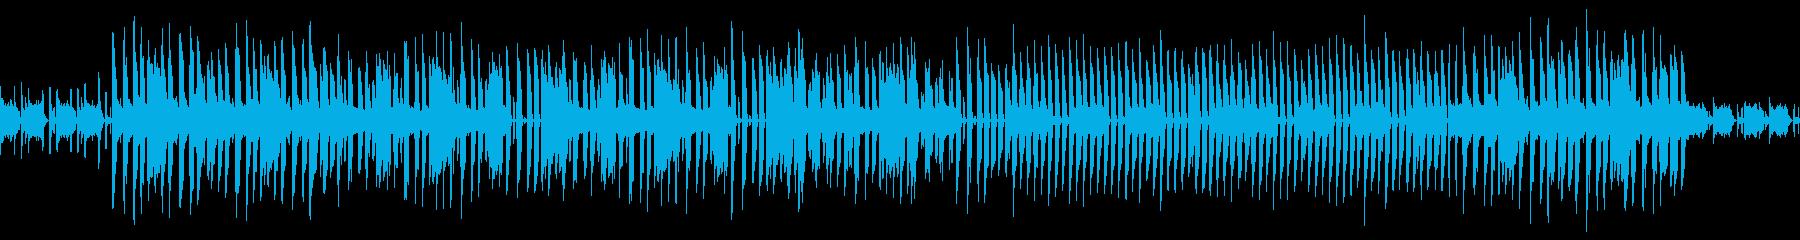 【ループ可】シティポップインストの再生済みの波形